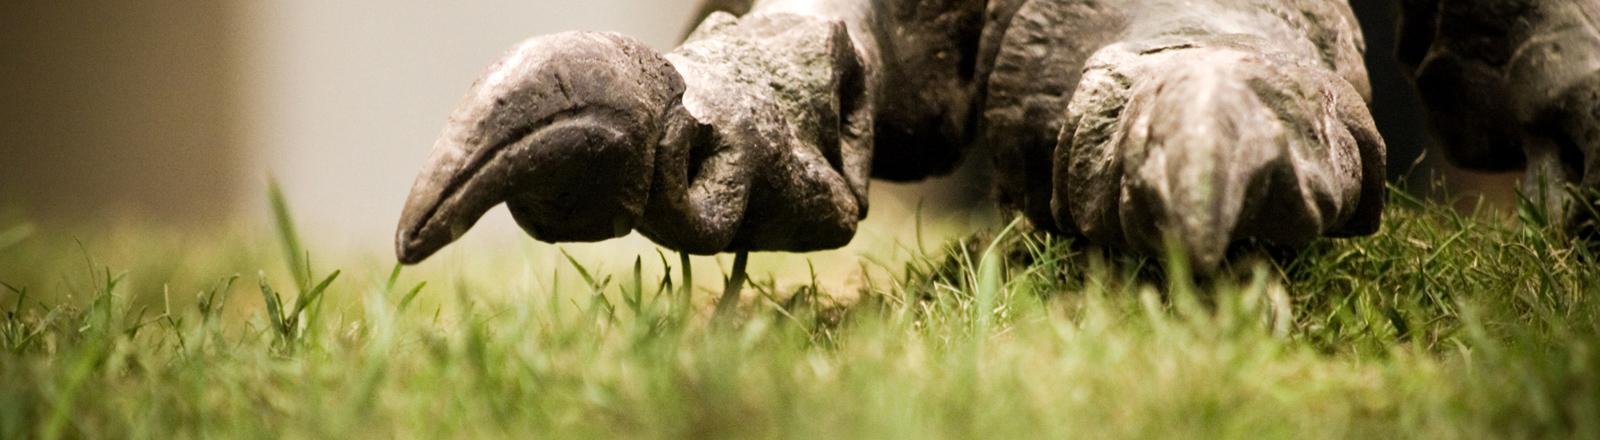 Dino-Fuß